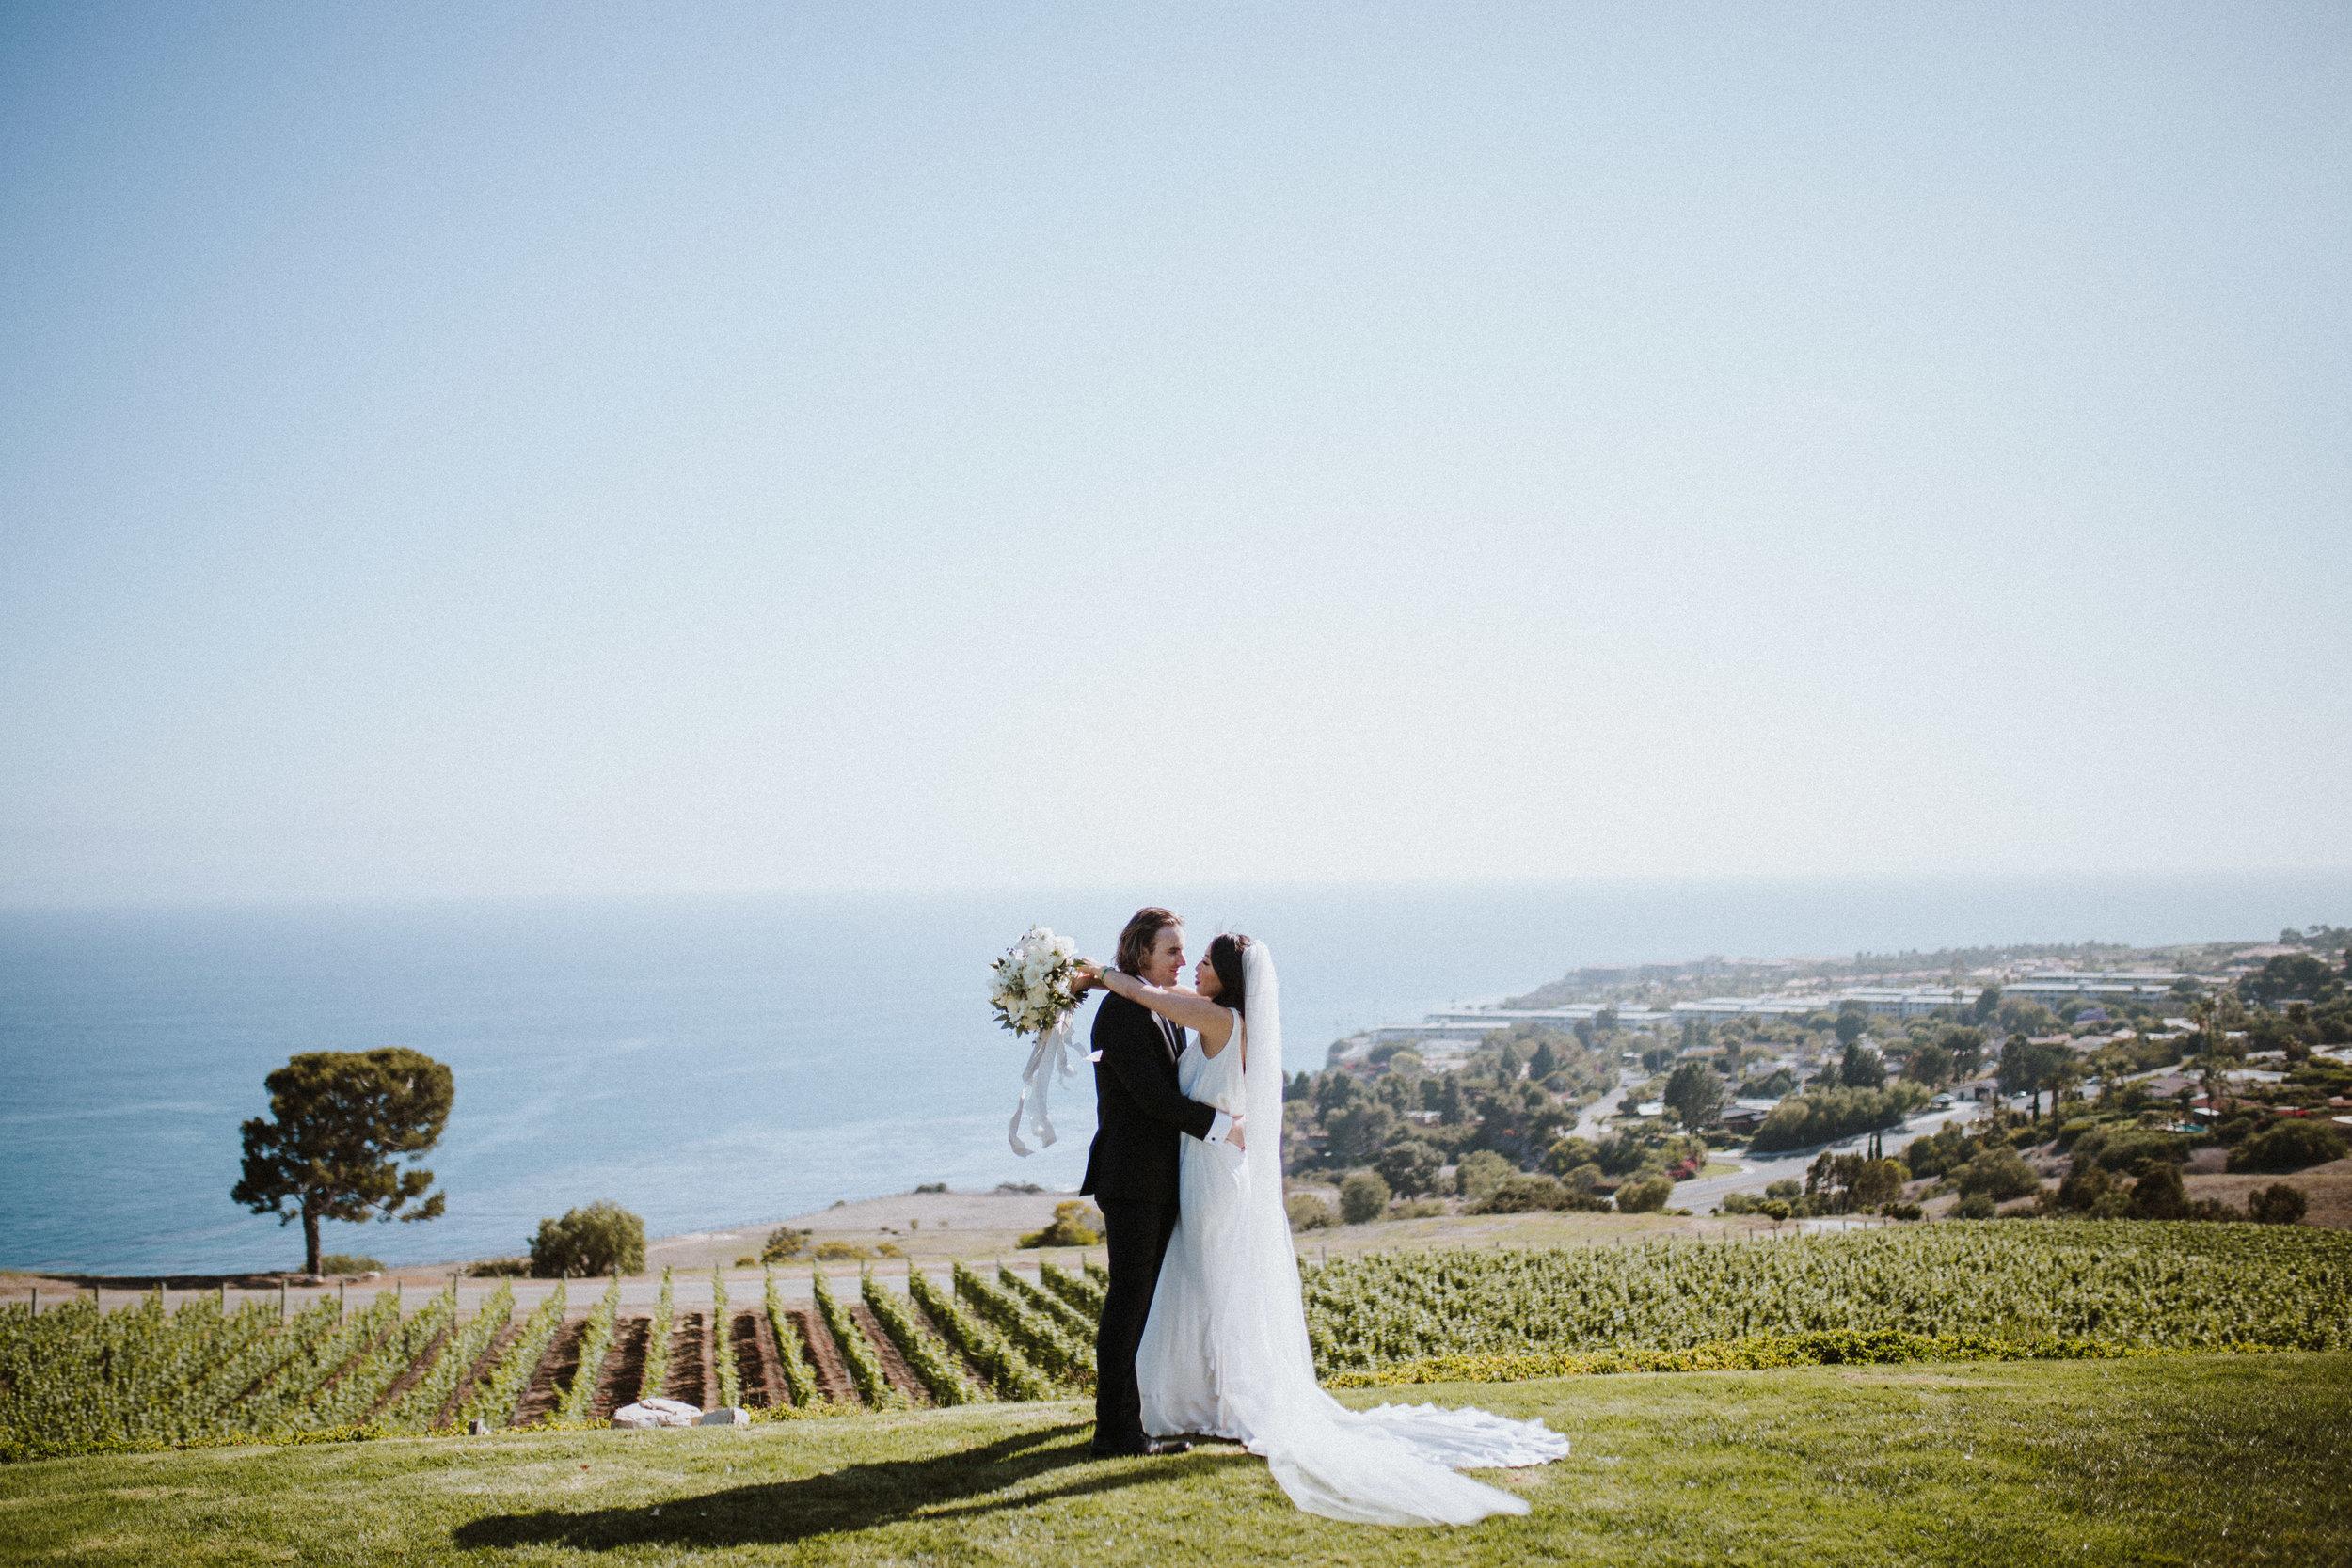 Palos-Verdes-CA-Vineyard-Wedding-88.jpg